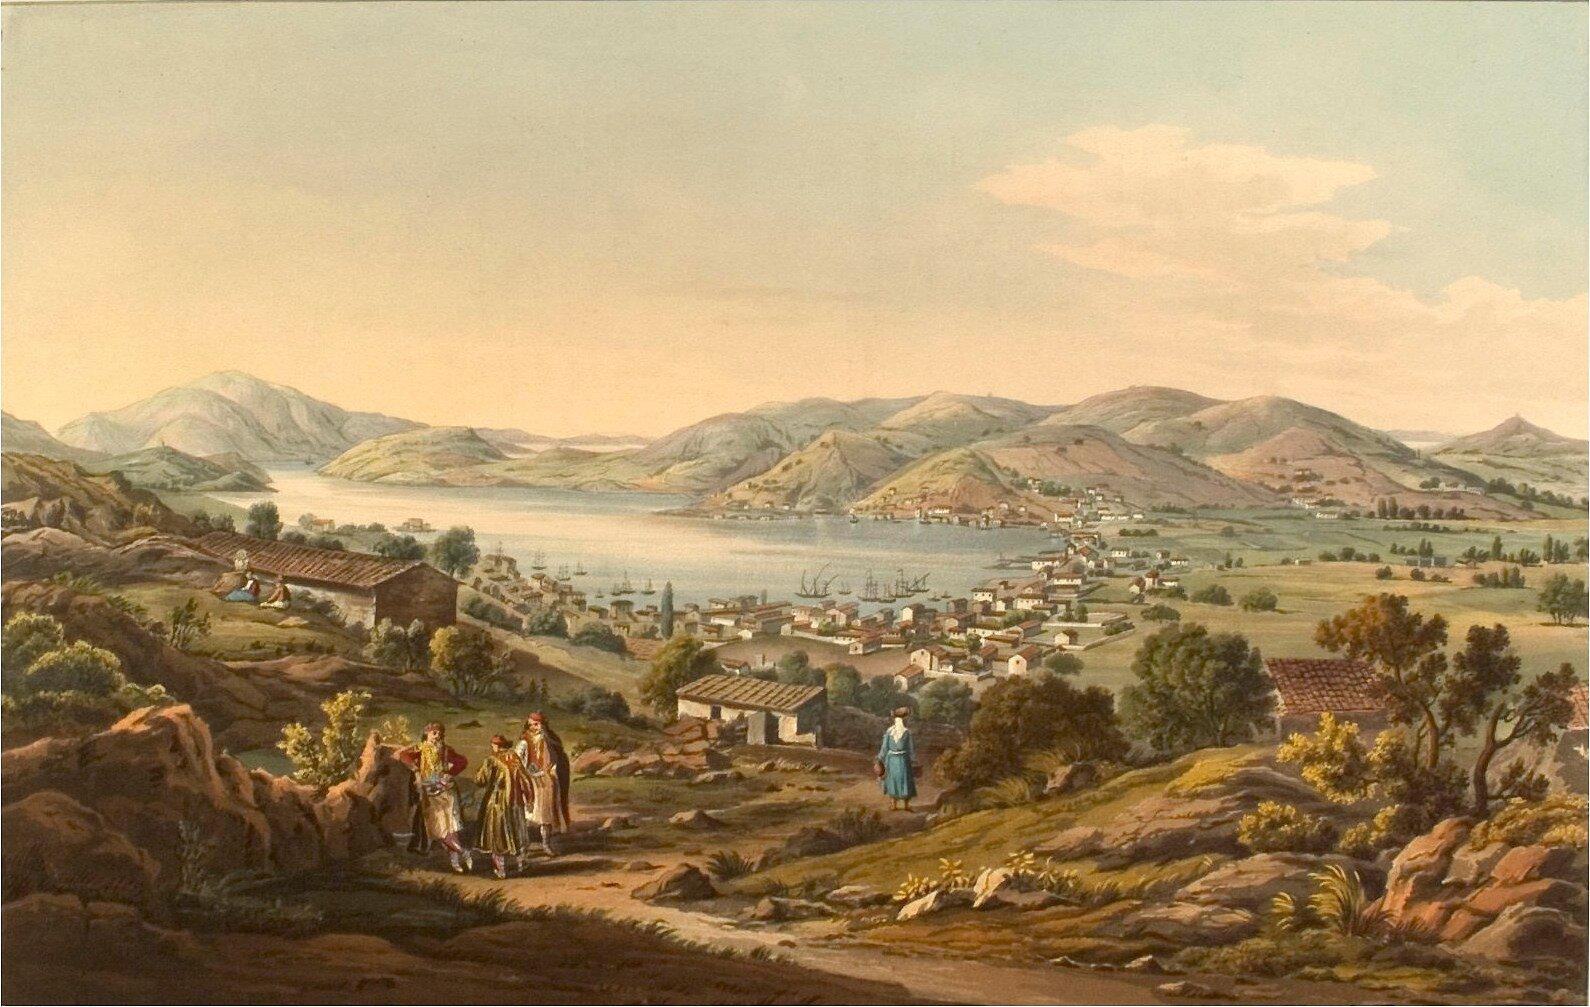 Itaka Źródło: Edward Dodwell, Itaka, 1821, domena publiczna.